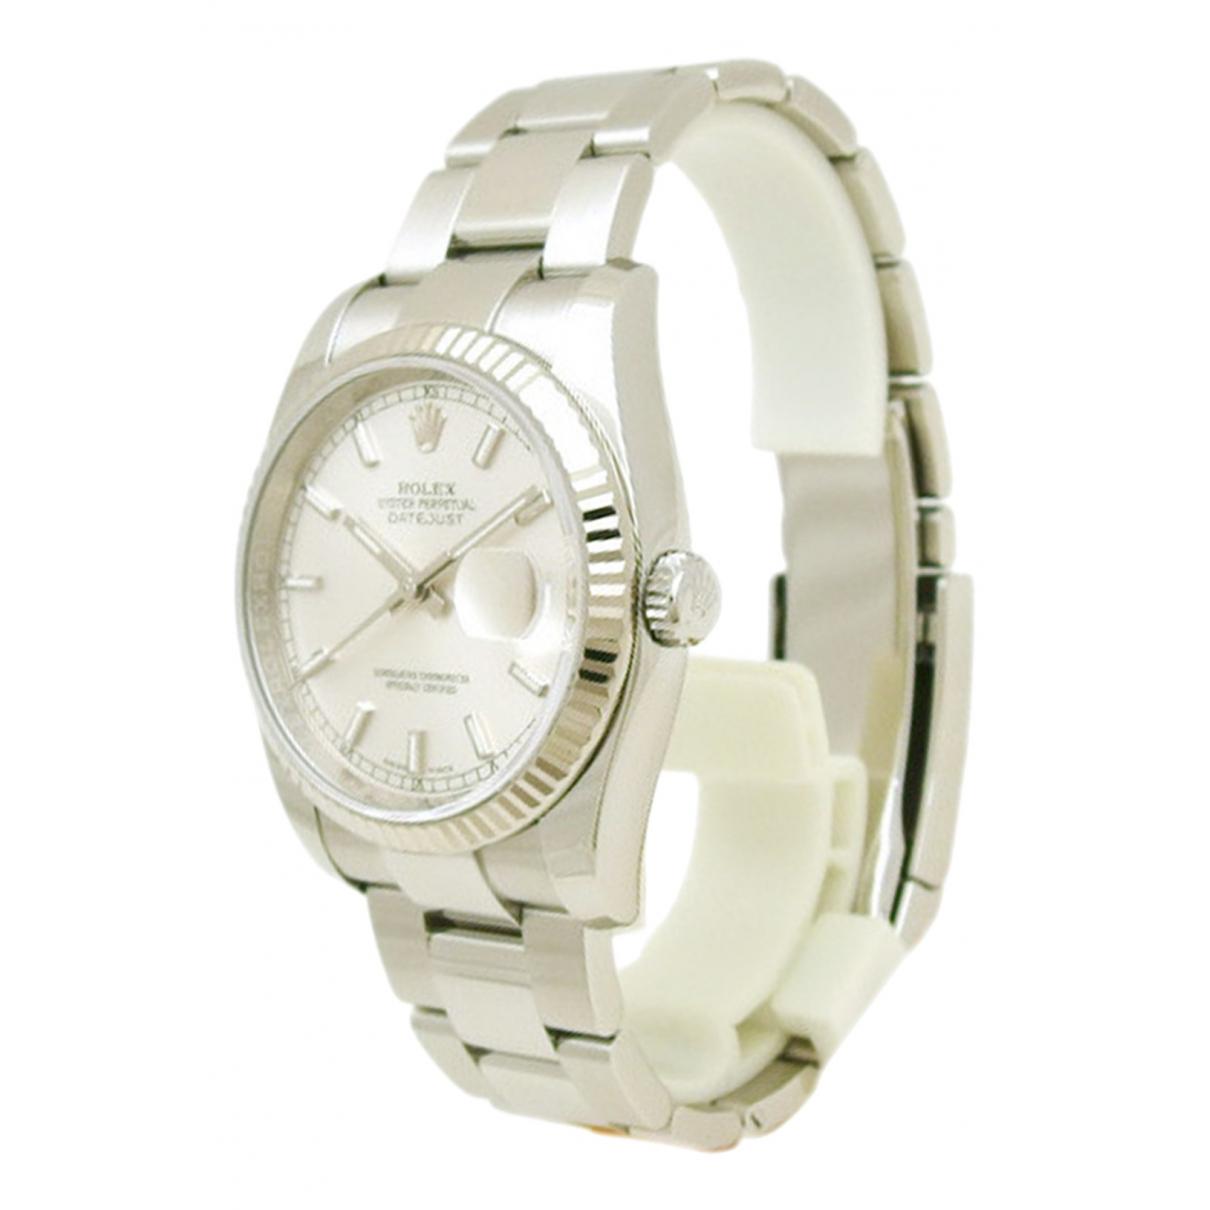 Rolex Oyster Perpetual 36mm Uhr in  Weiss Gold und Stahl